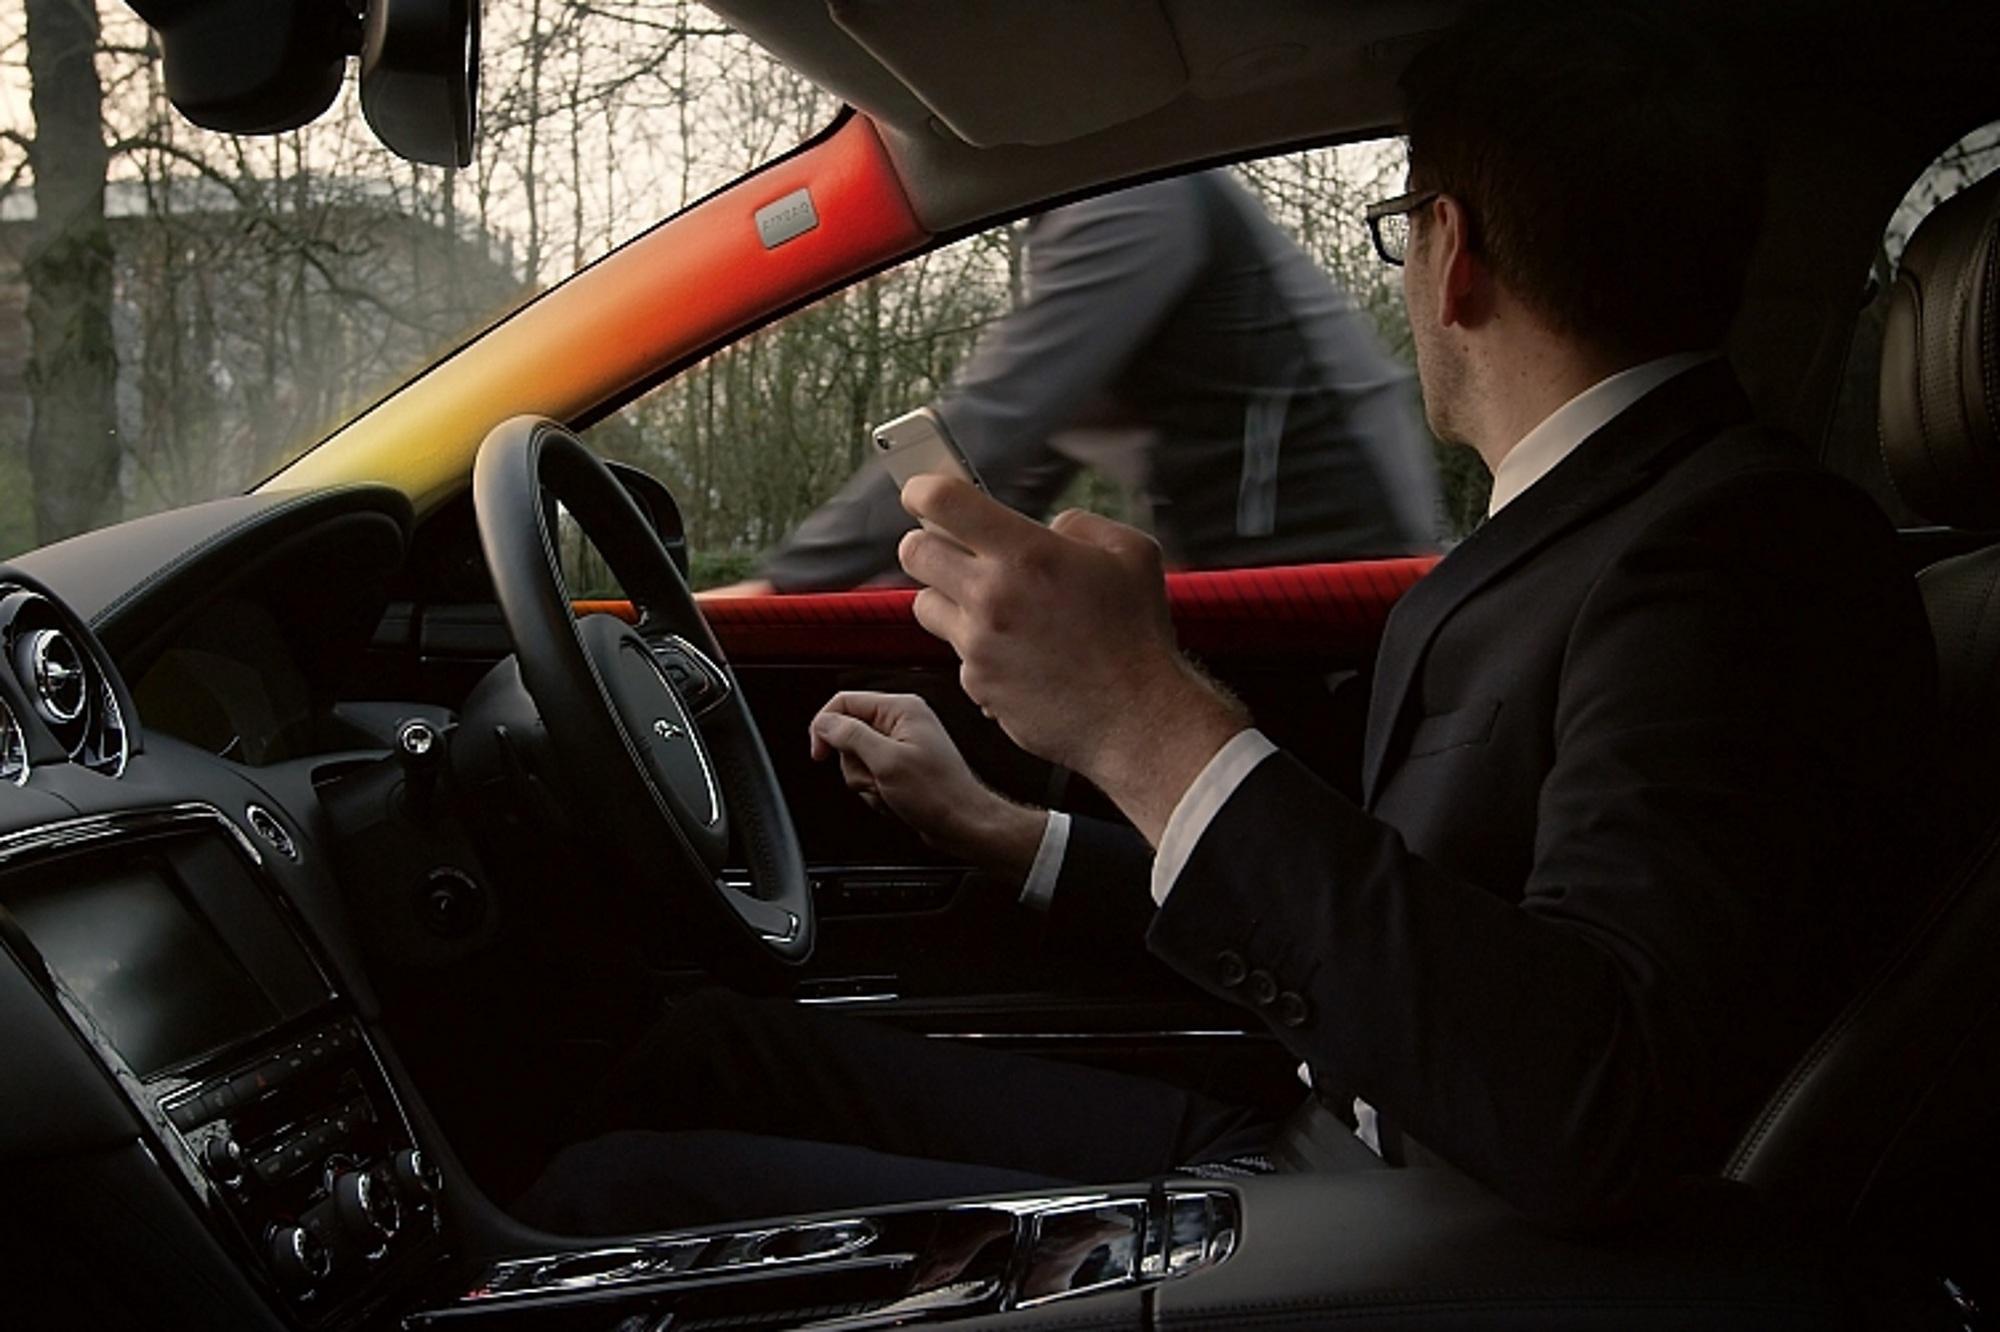 Zweiradwarner von Jaguar - Anstubsen, wenn's kritisch wird